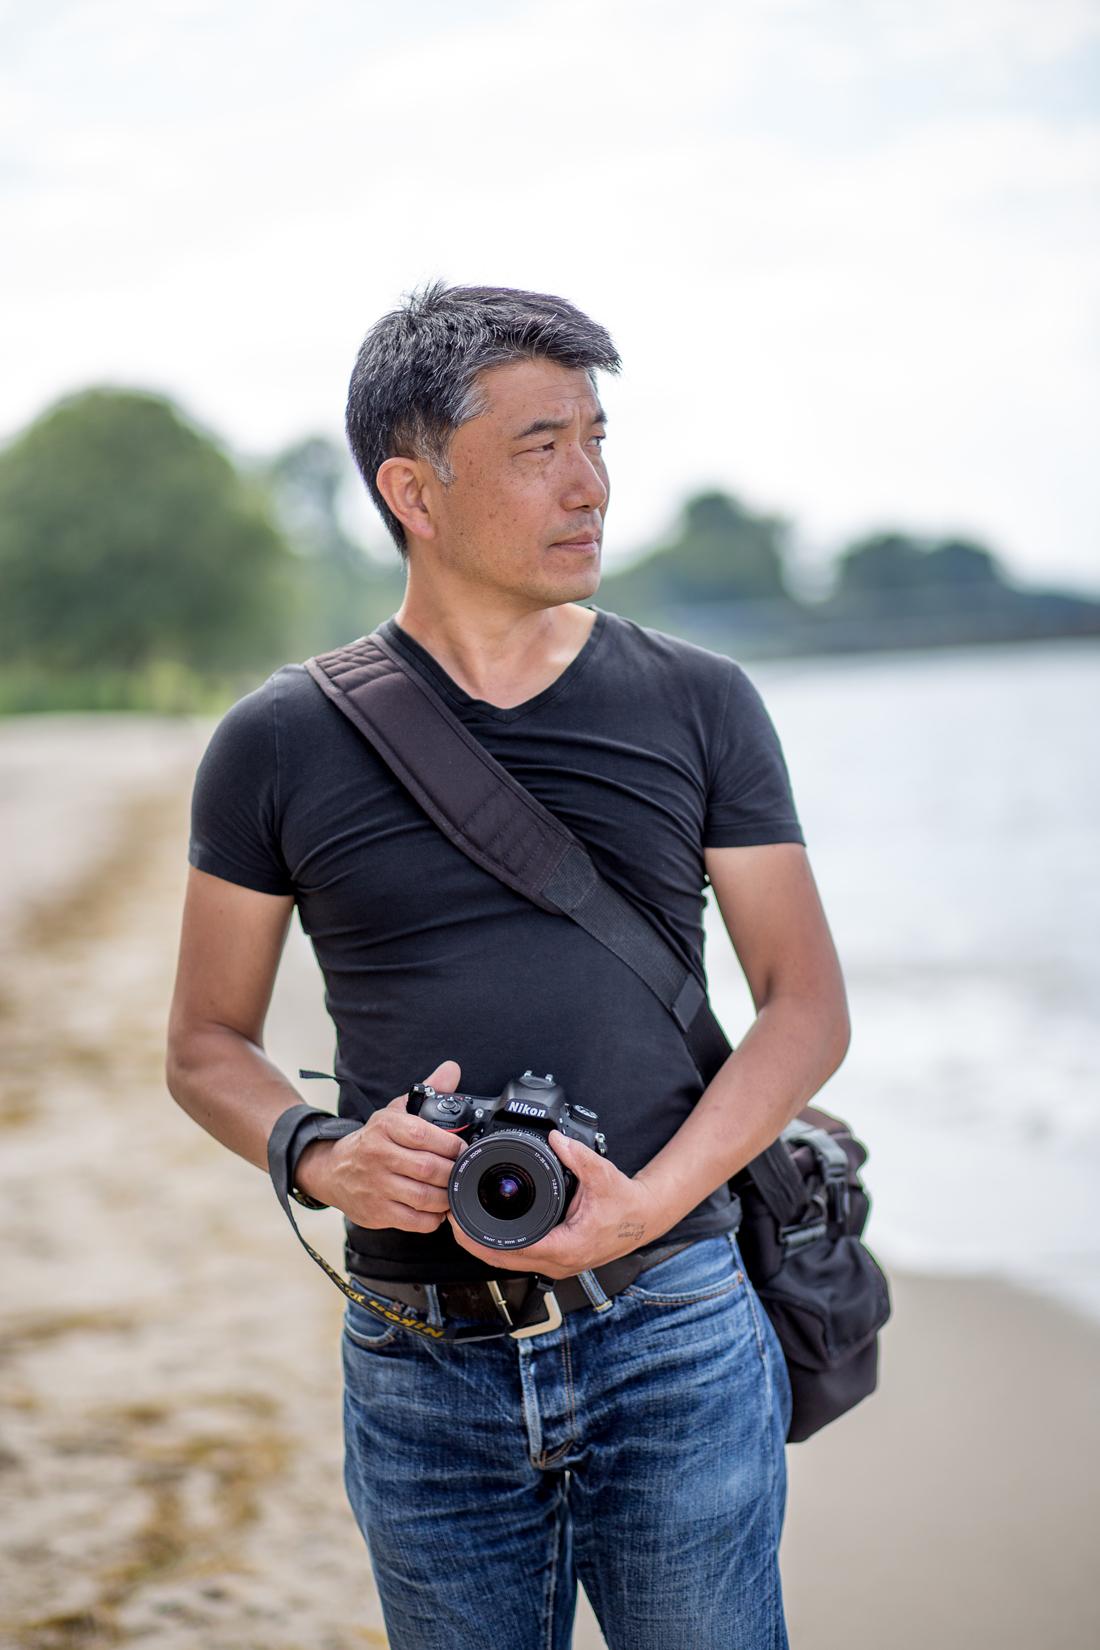 Hiroyuki Masuyama